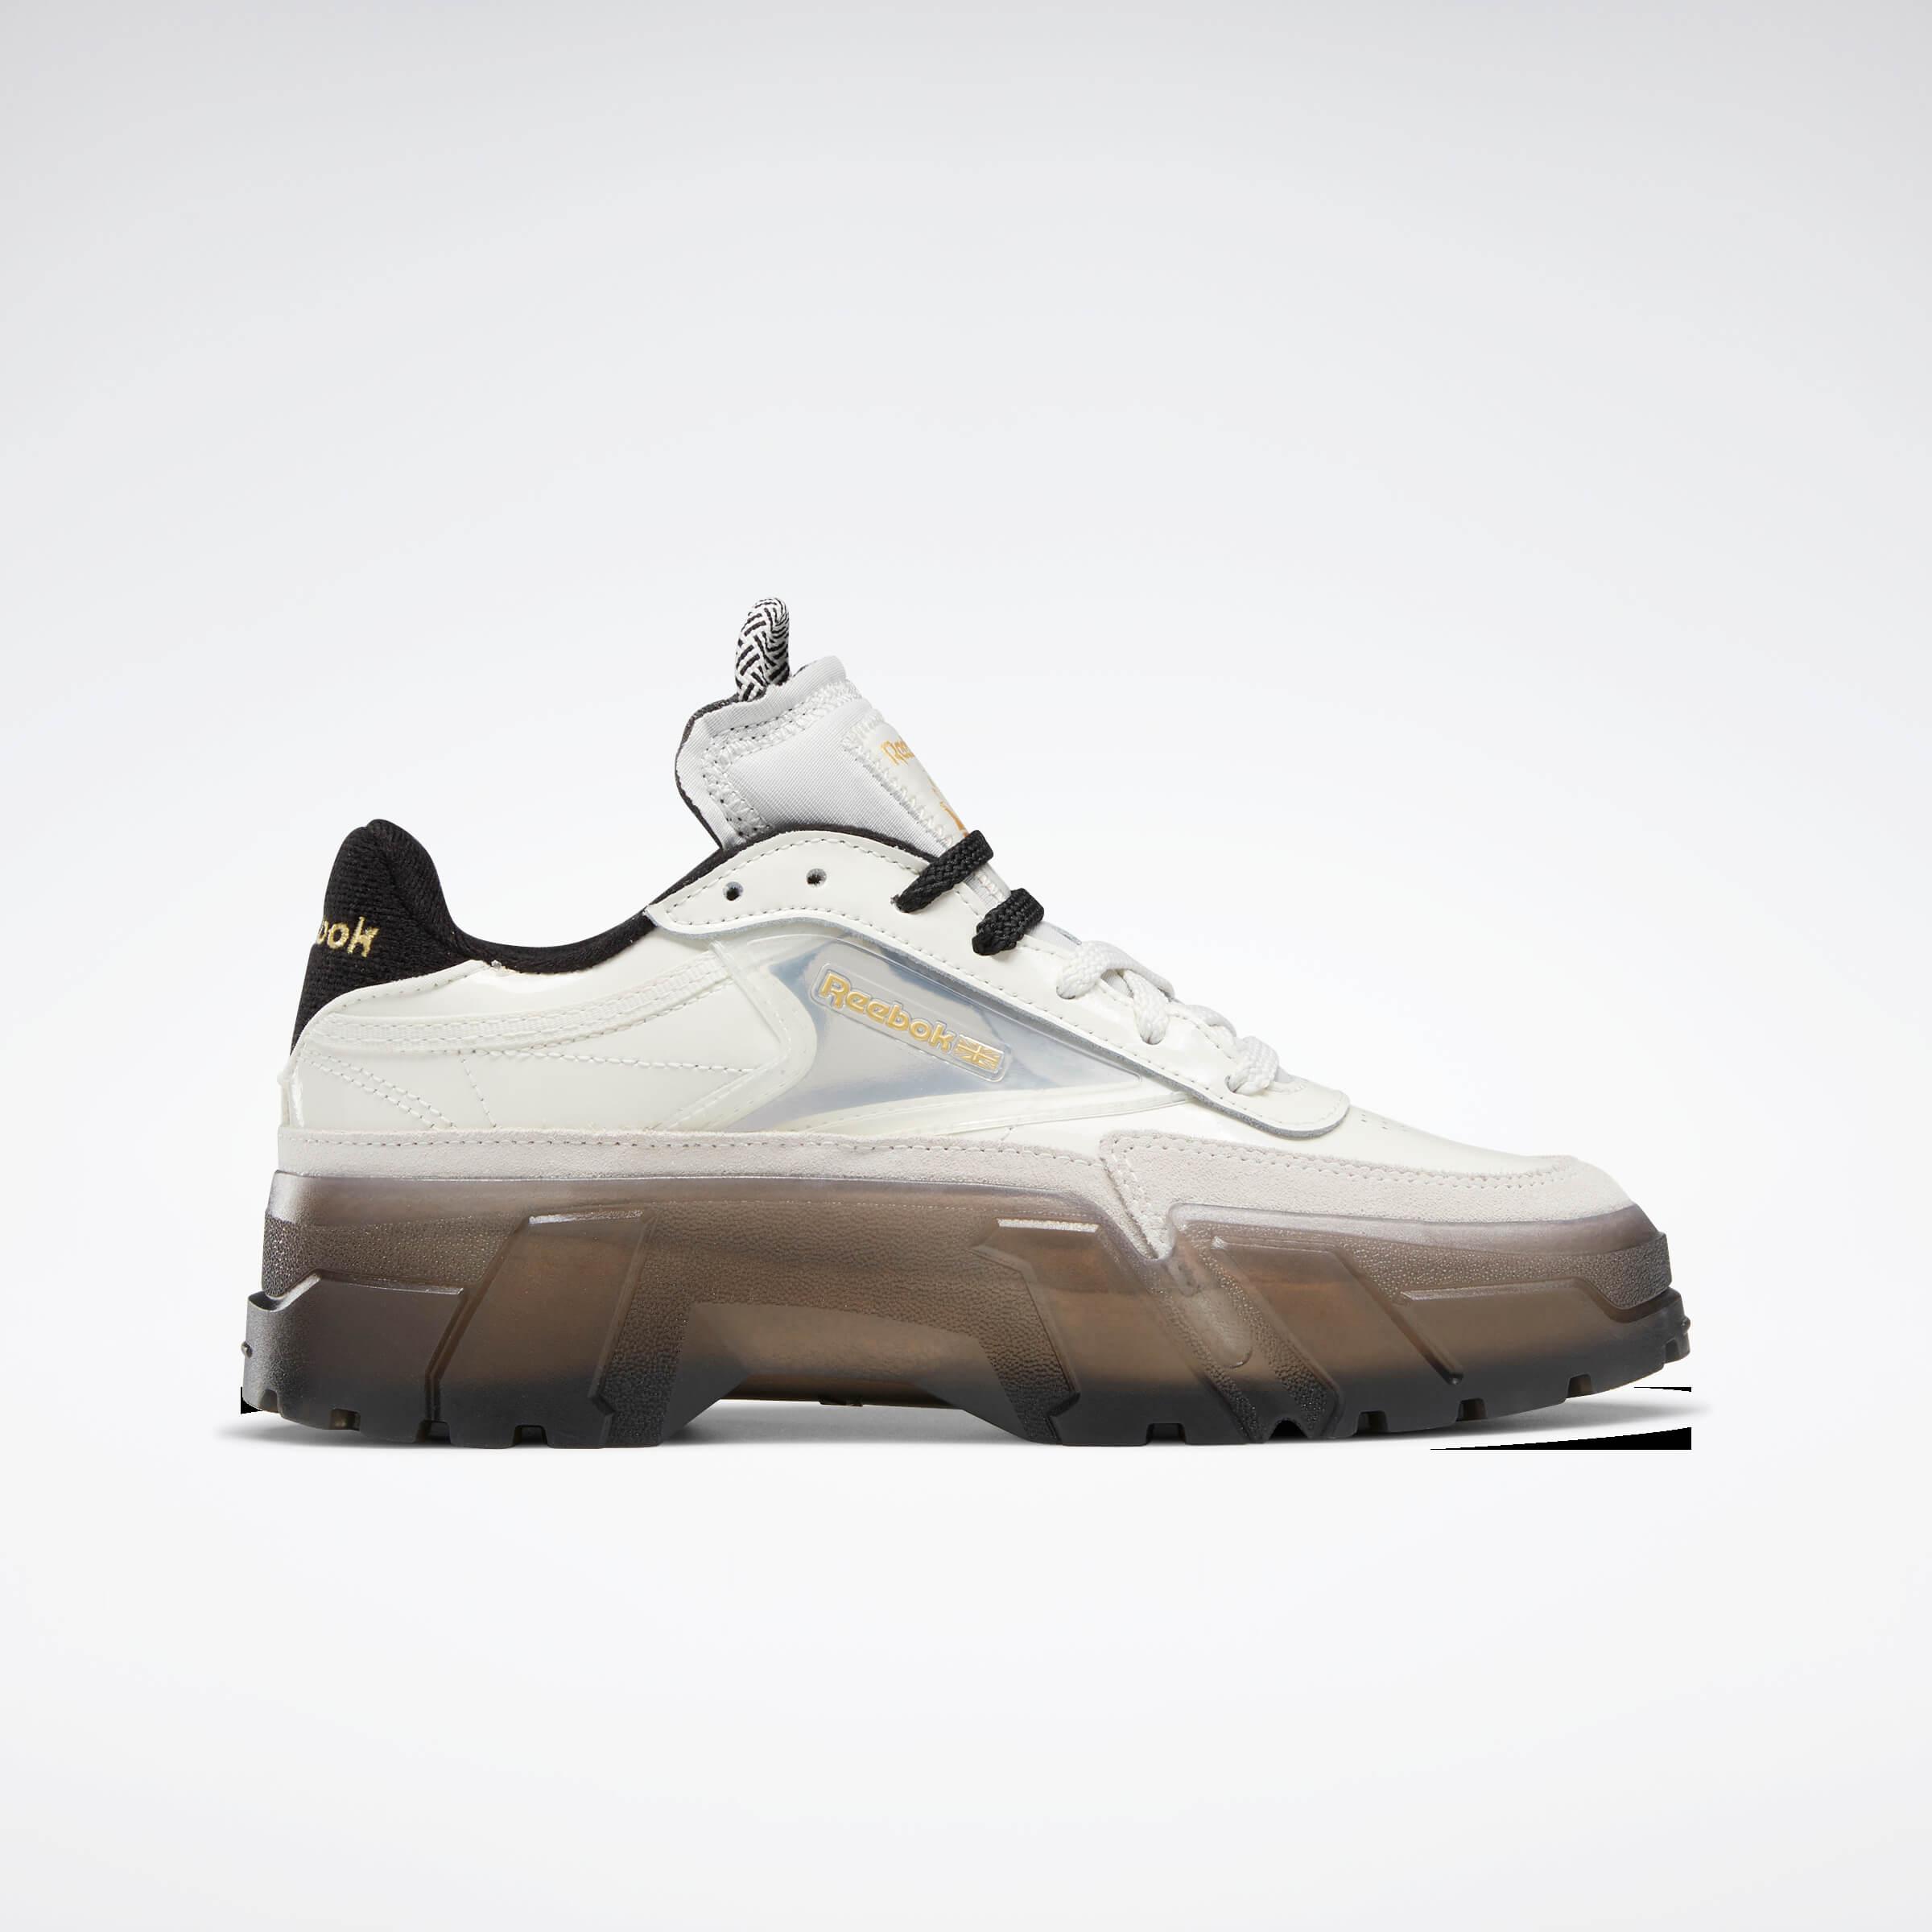 Reebok CLASSIC x Cardi B カーディ・B クラブ シー Cardi B Club C Shoes コラボ product side FZ4928